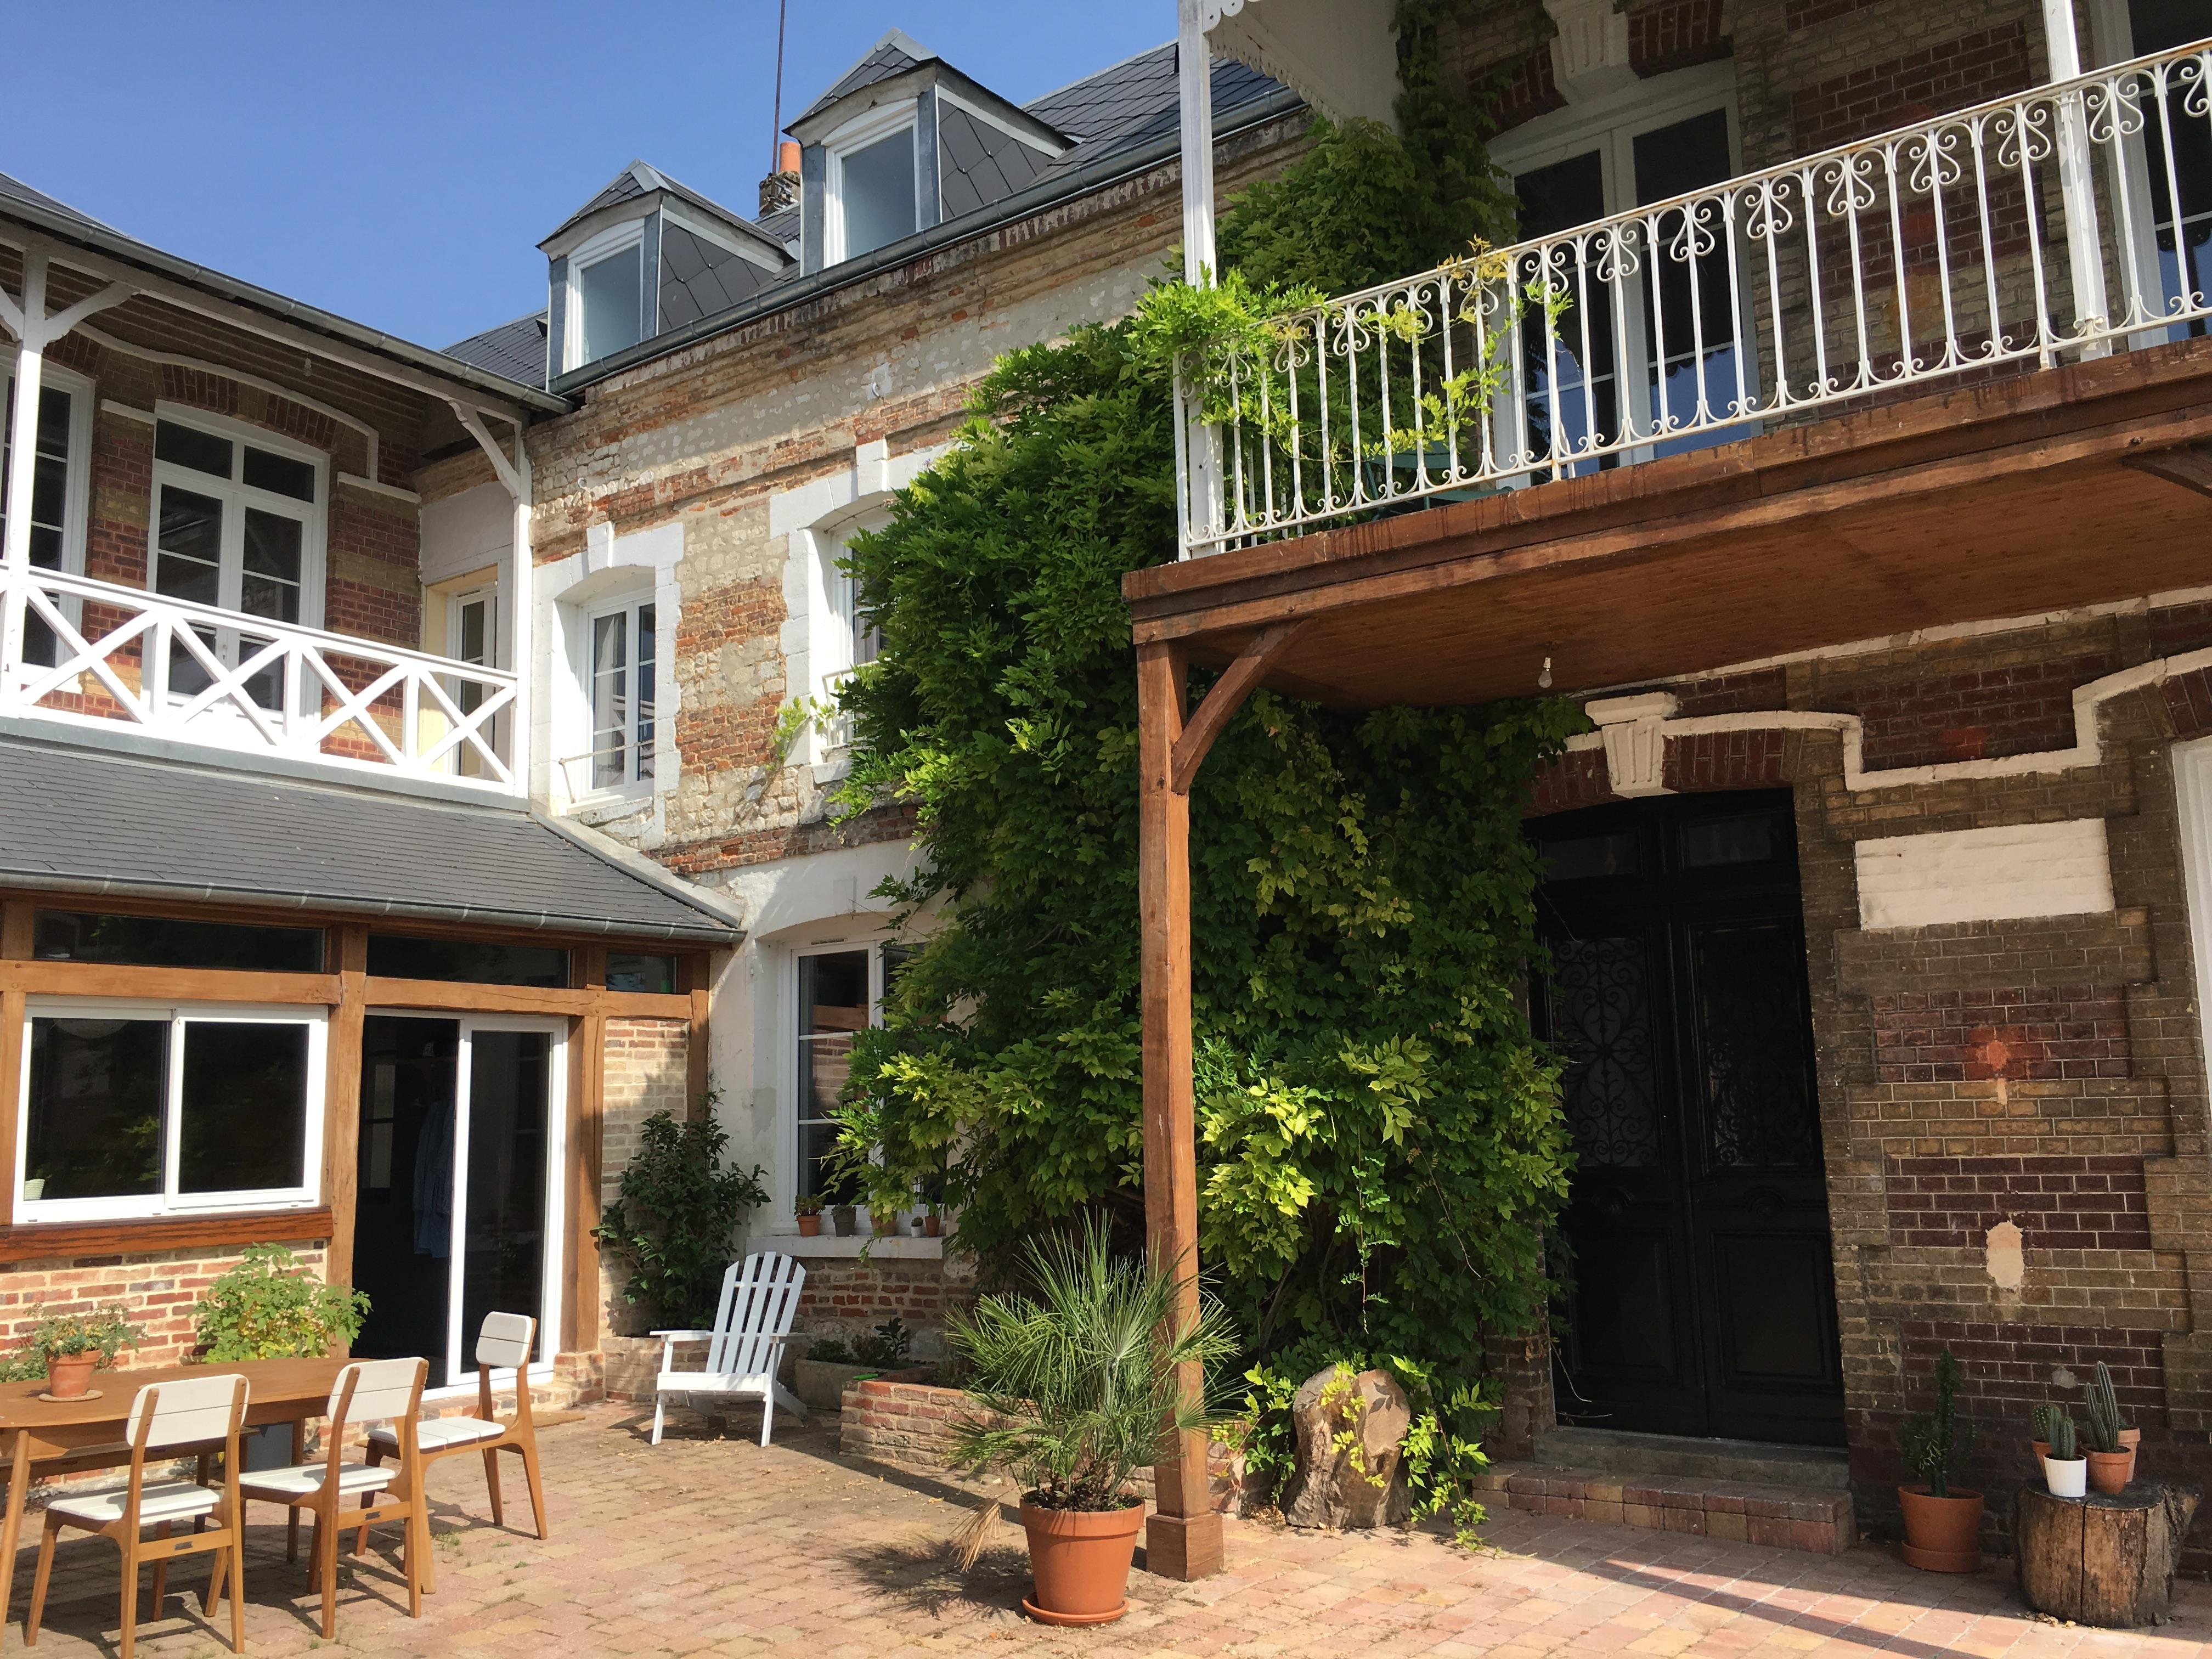 la parisienne maison d 39 hotes de charme normandie frankreich la maison pl me. Black Bedroom Furniture Sets. Home Design Ideas